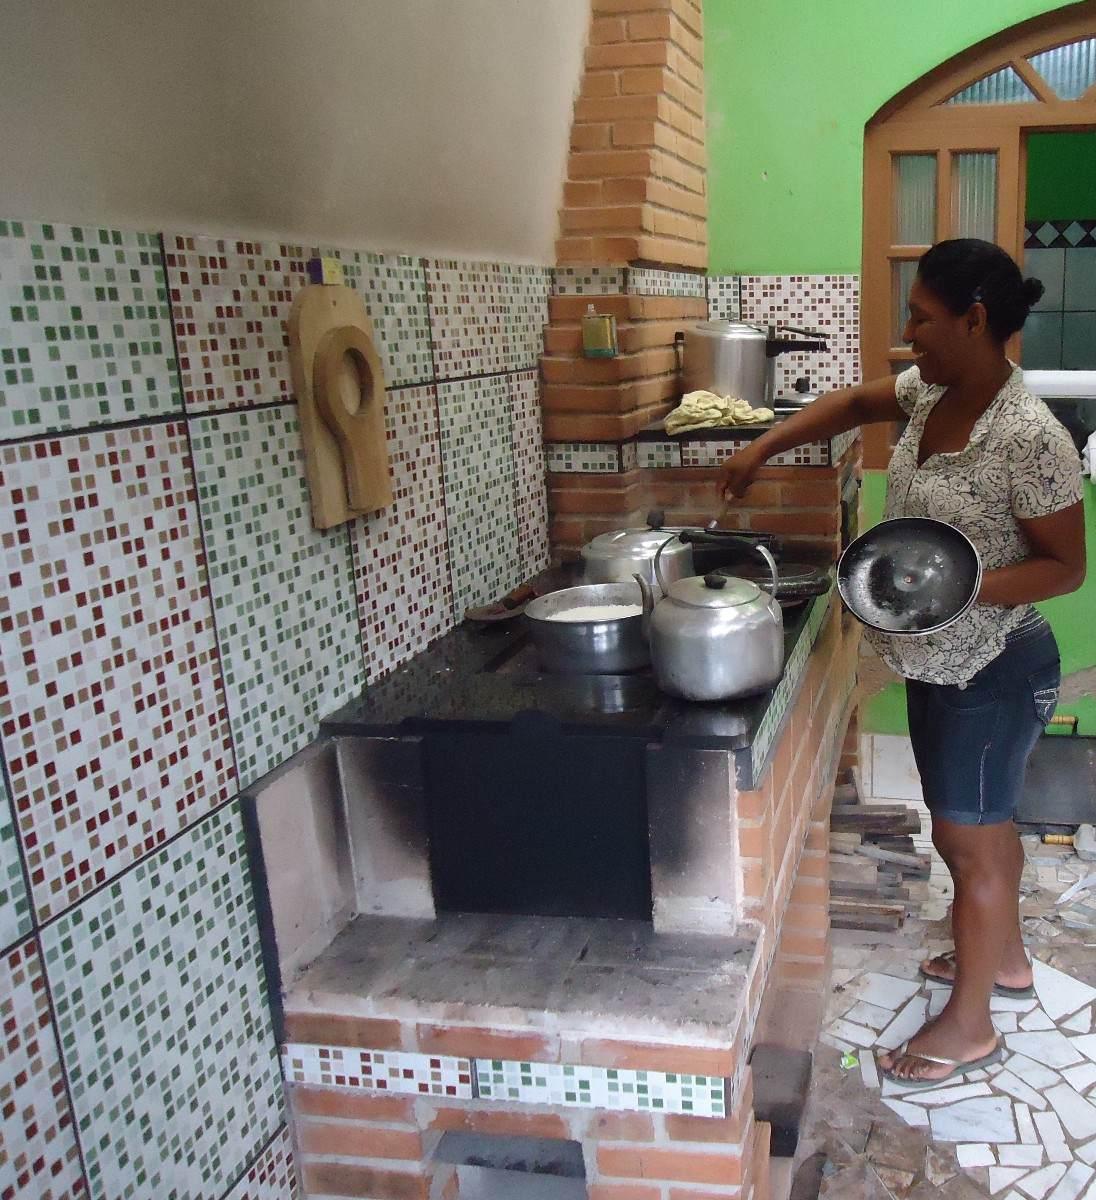 Fogão A Lenha projeto Churrasqueira  projetos R$ 1 20 em Mercado  #518942 1096 1200